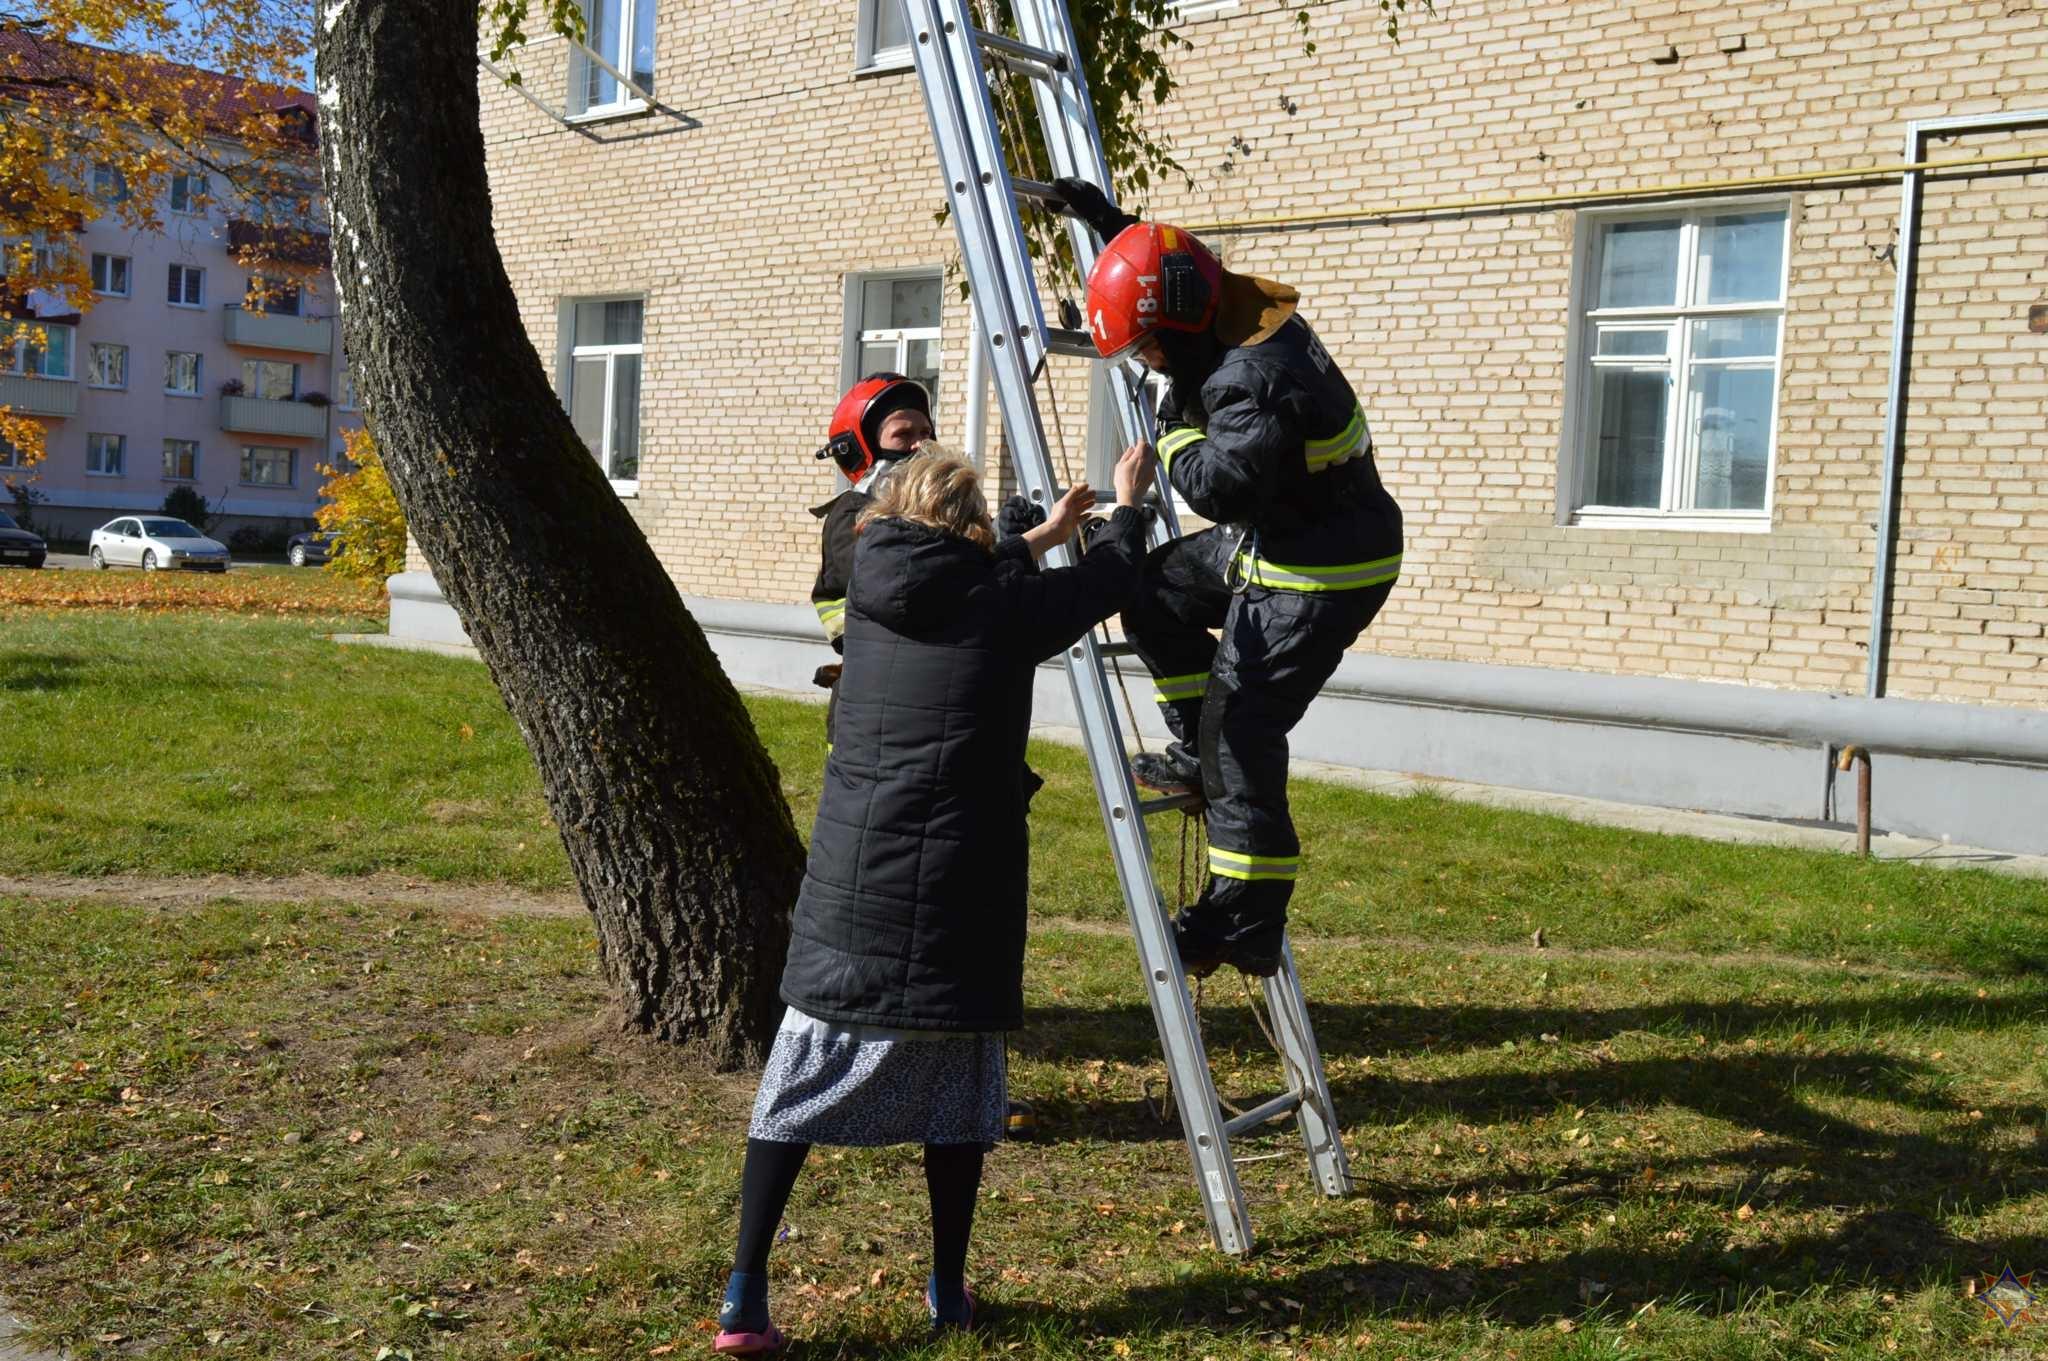 В Щучине спасатели сняли с дерева и передали хозяйке кошку, которая просидела там больше суток